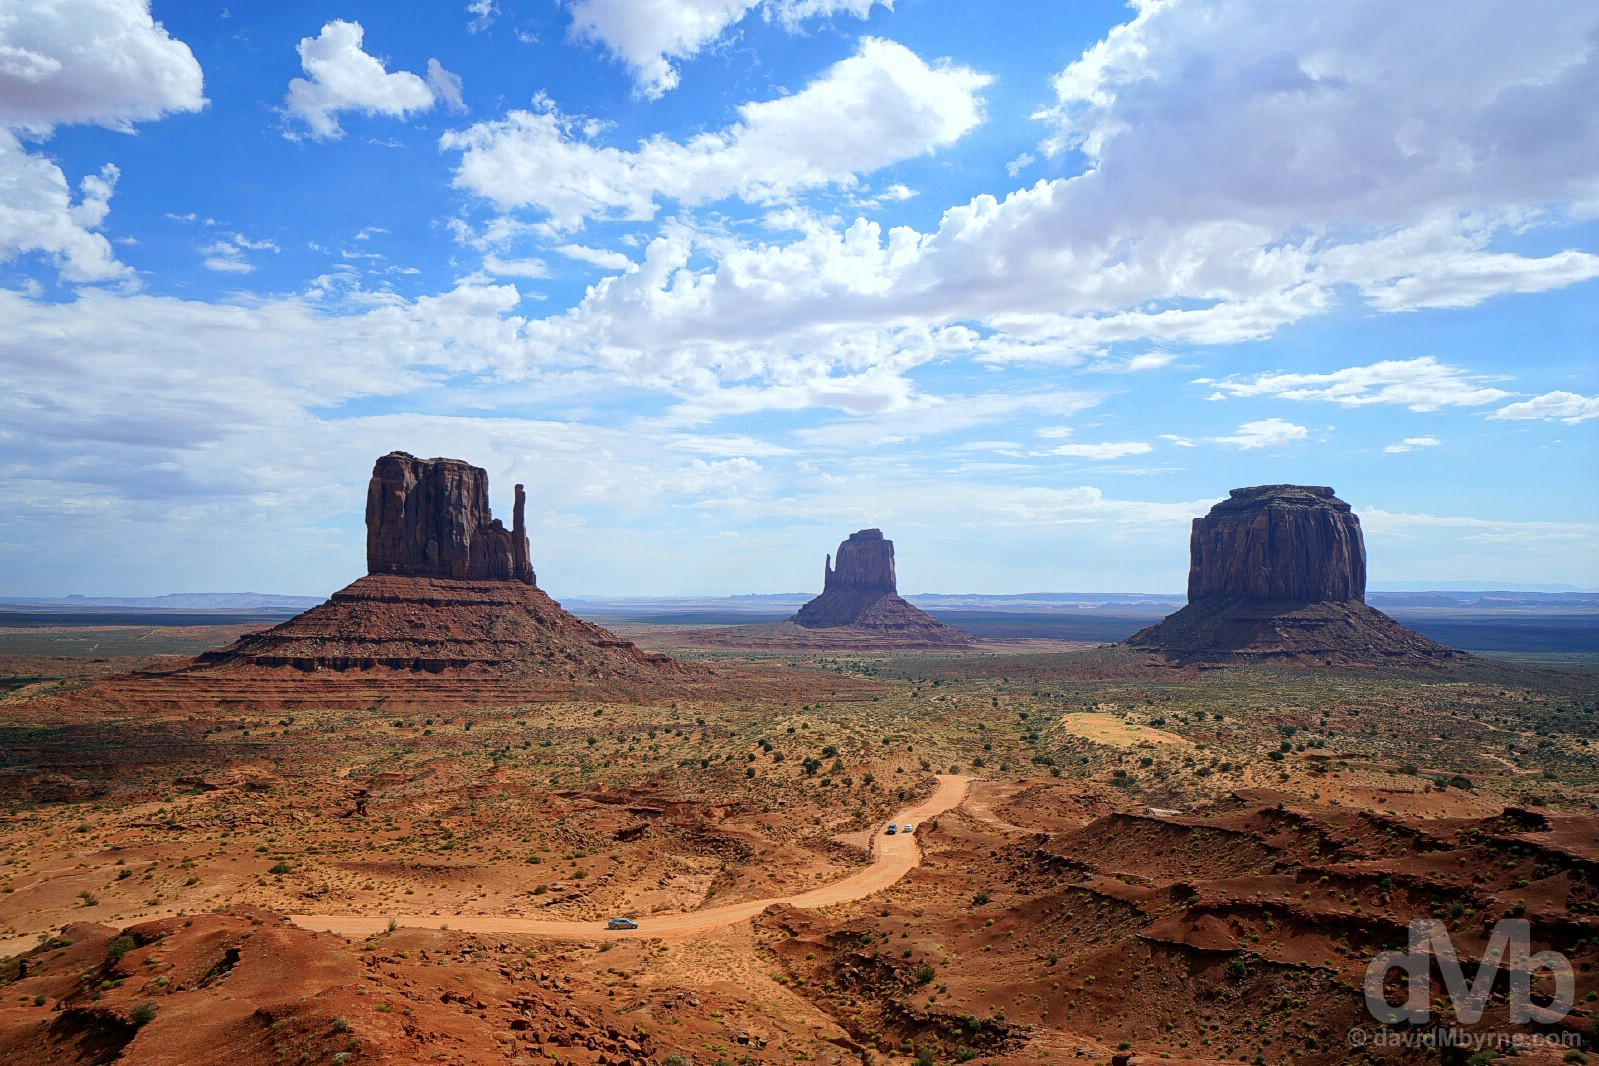 Epic Road Trip Southwest - Destination